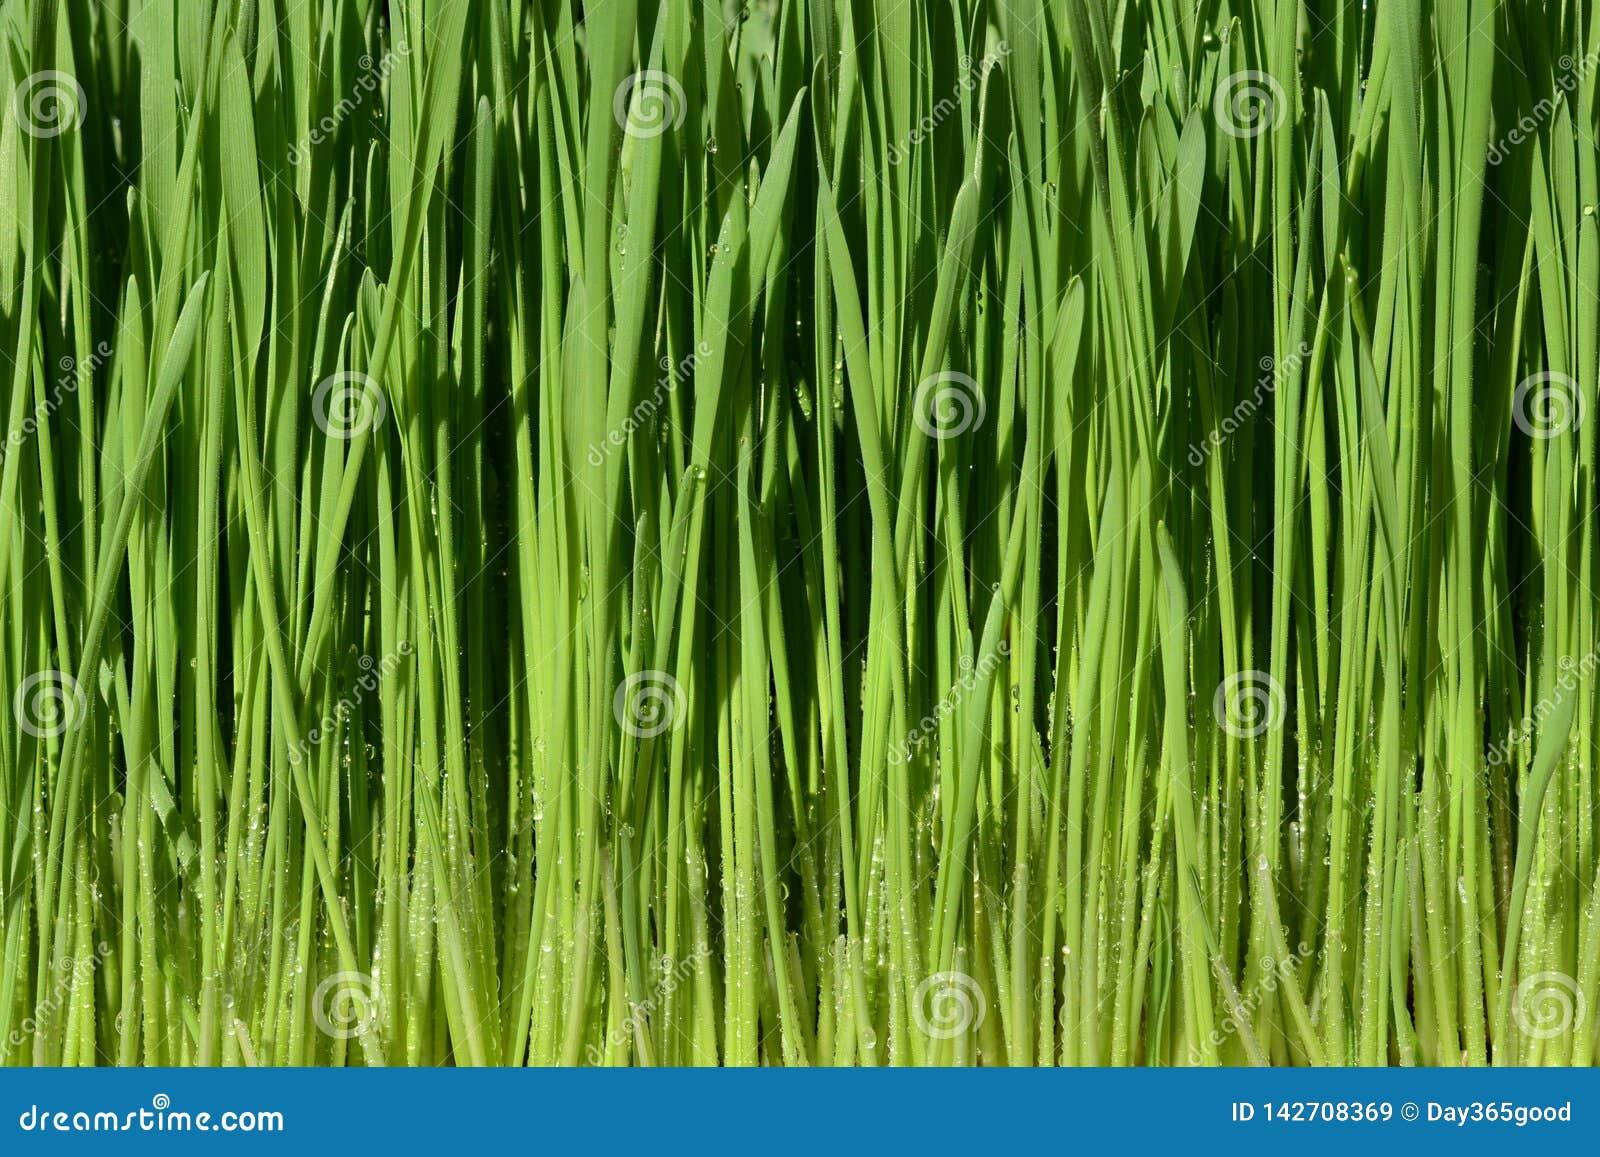 Зеленая трава пшеницы с падениями воды